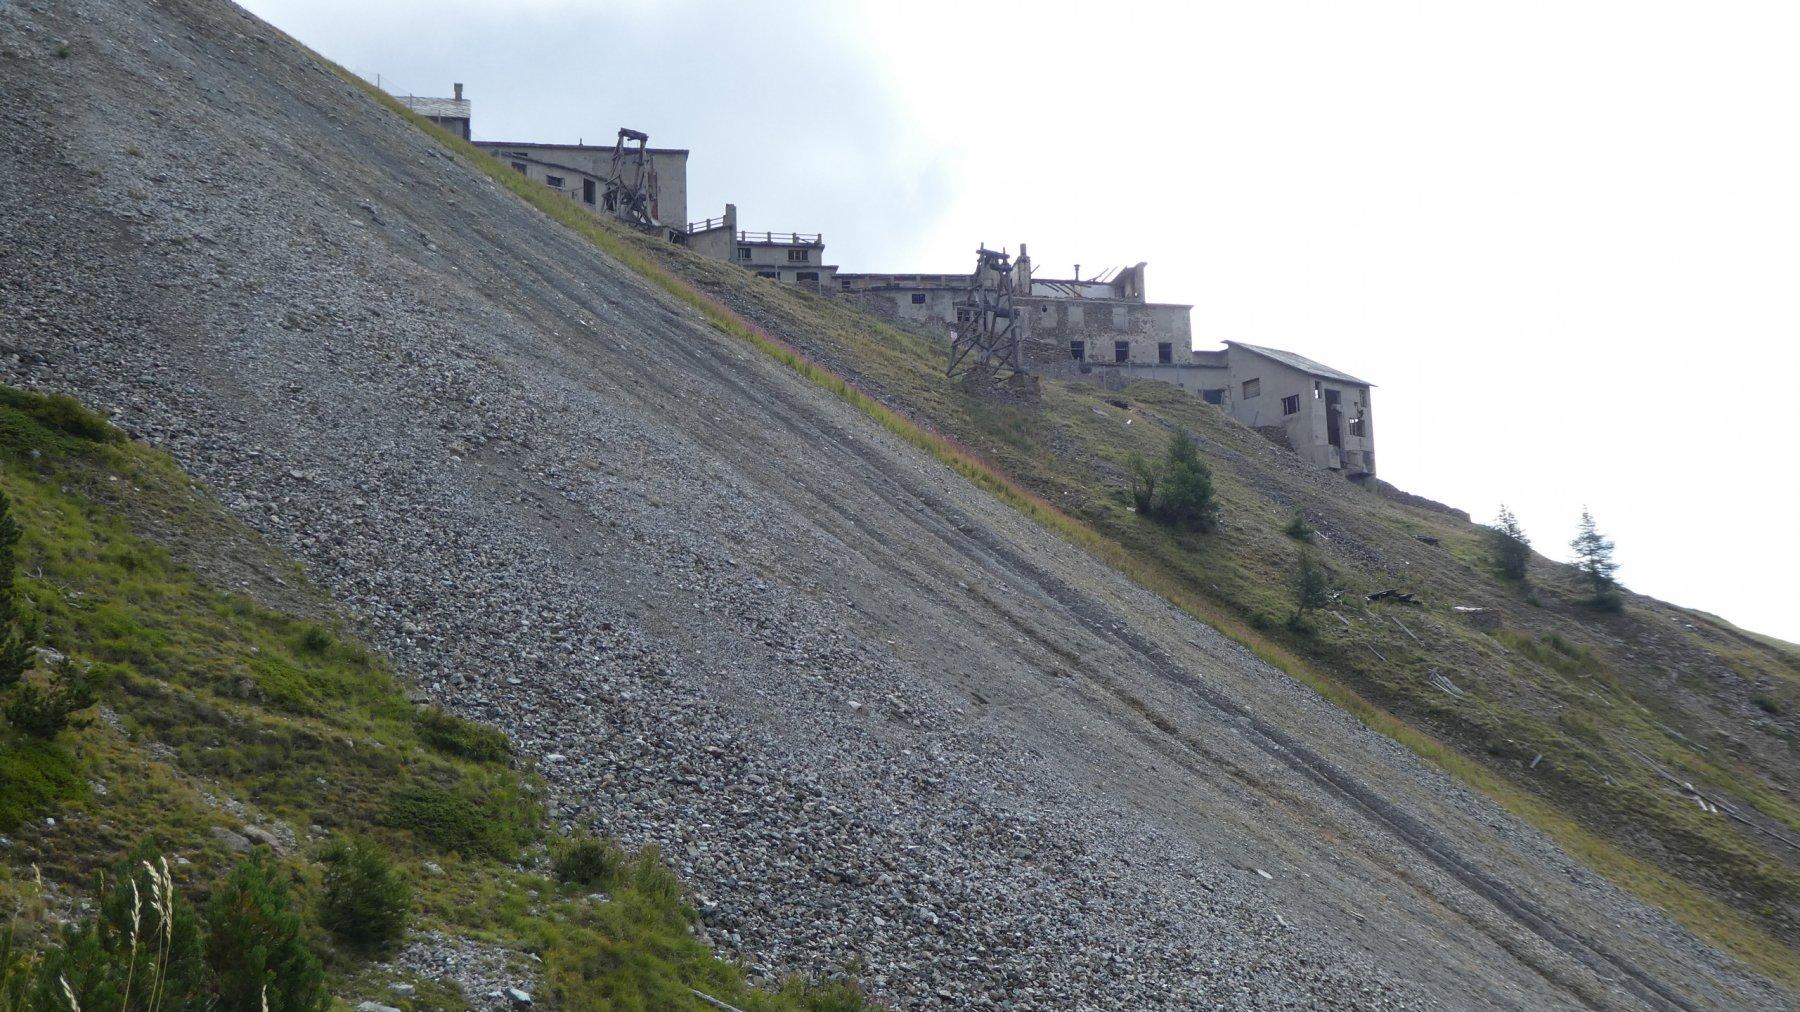 arrivando alle miniere di Colonna